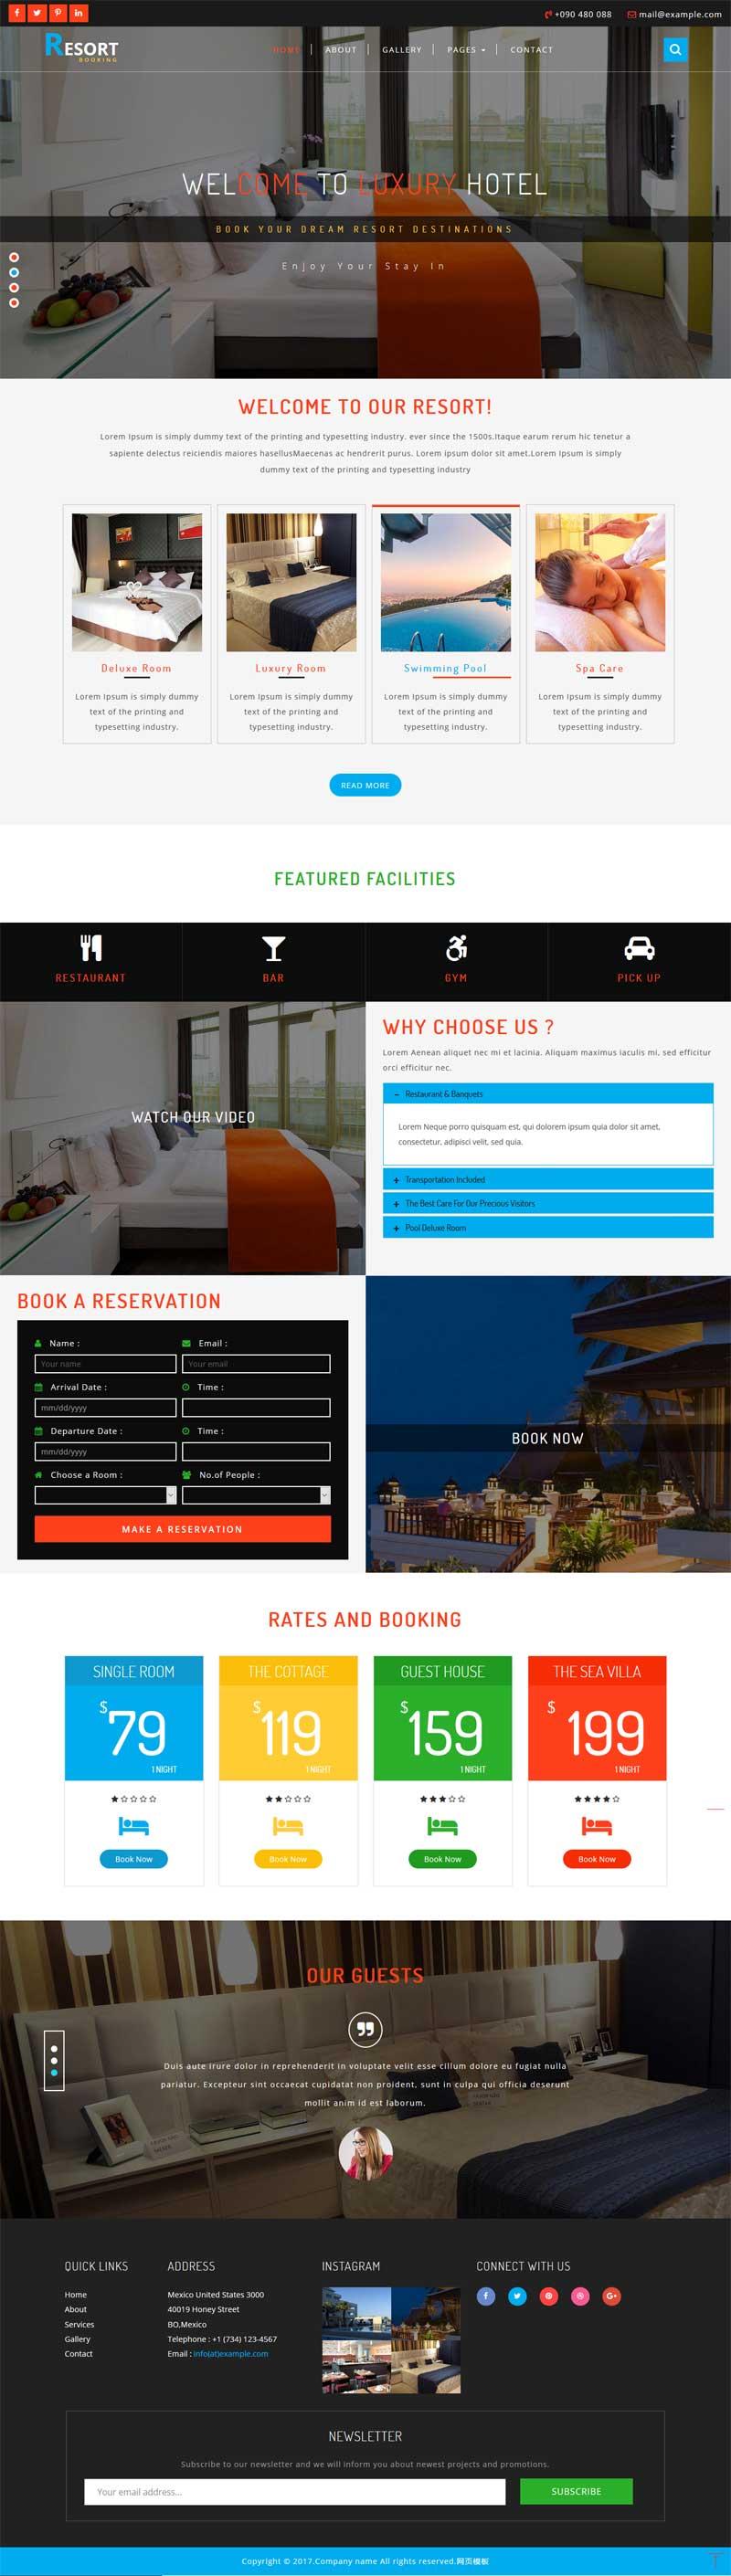 大气的国外旅游度假酒店预订网站模板下载